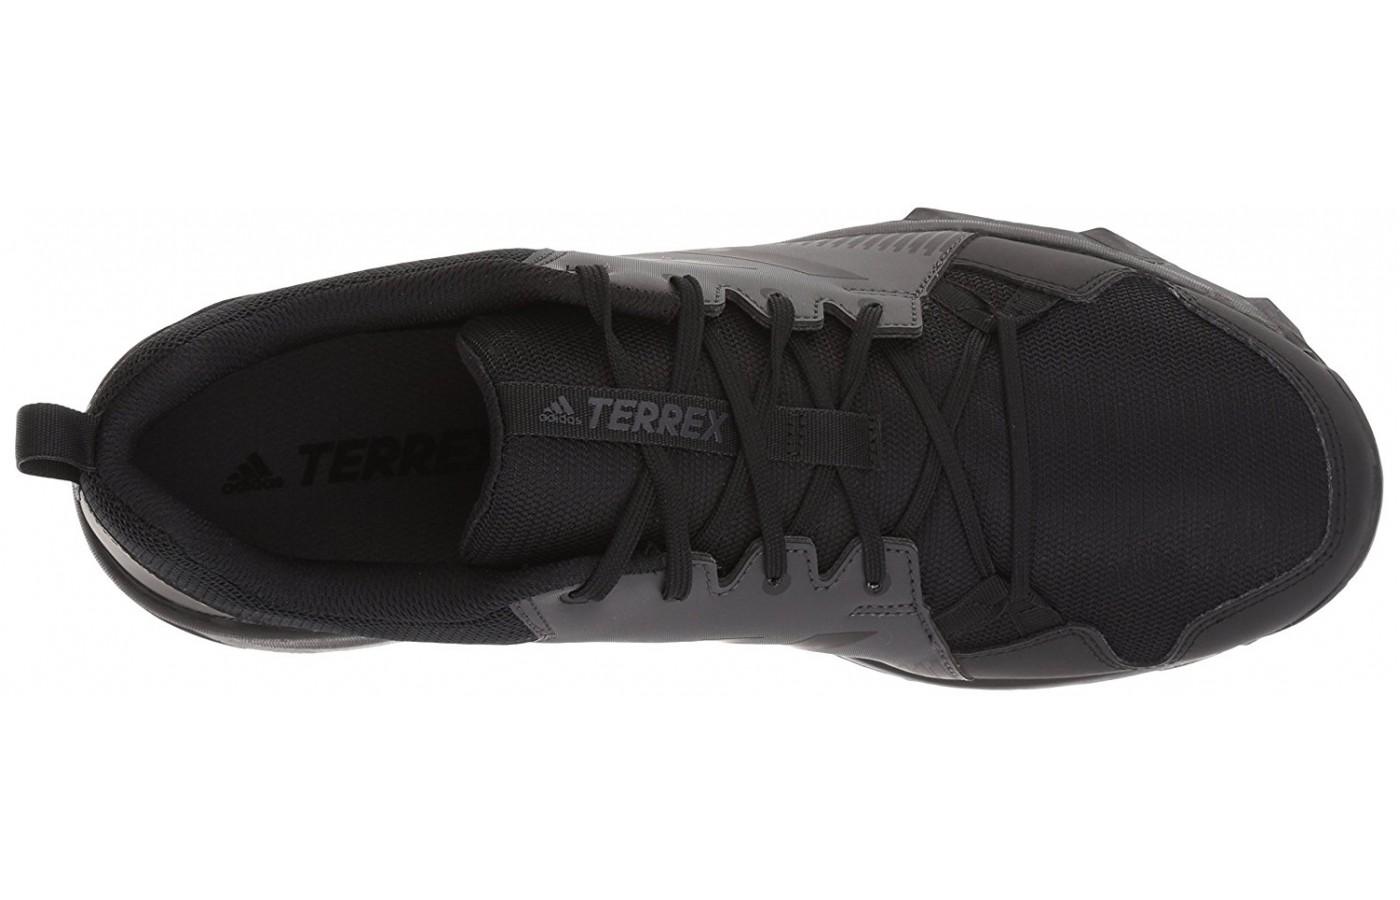 adidas tracerocker upper